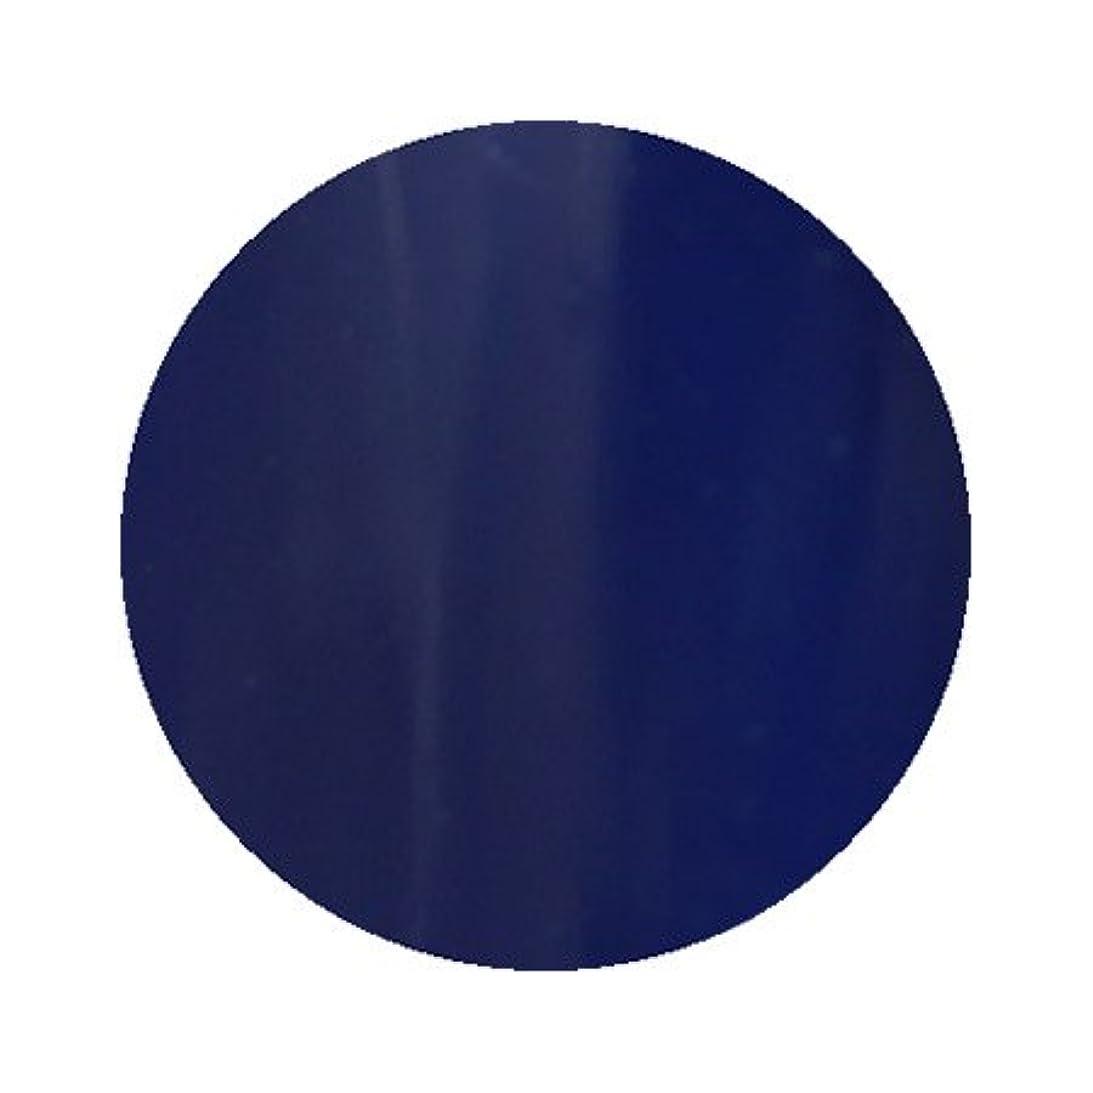 影のあるめ言葉化粧パラポリッシュ ハイブリッドカラージェル V4 ネイビー 7g